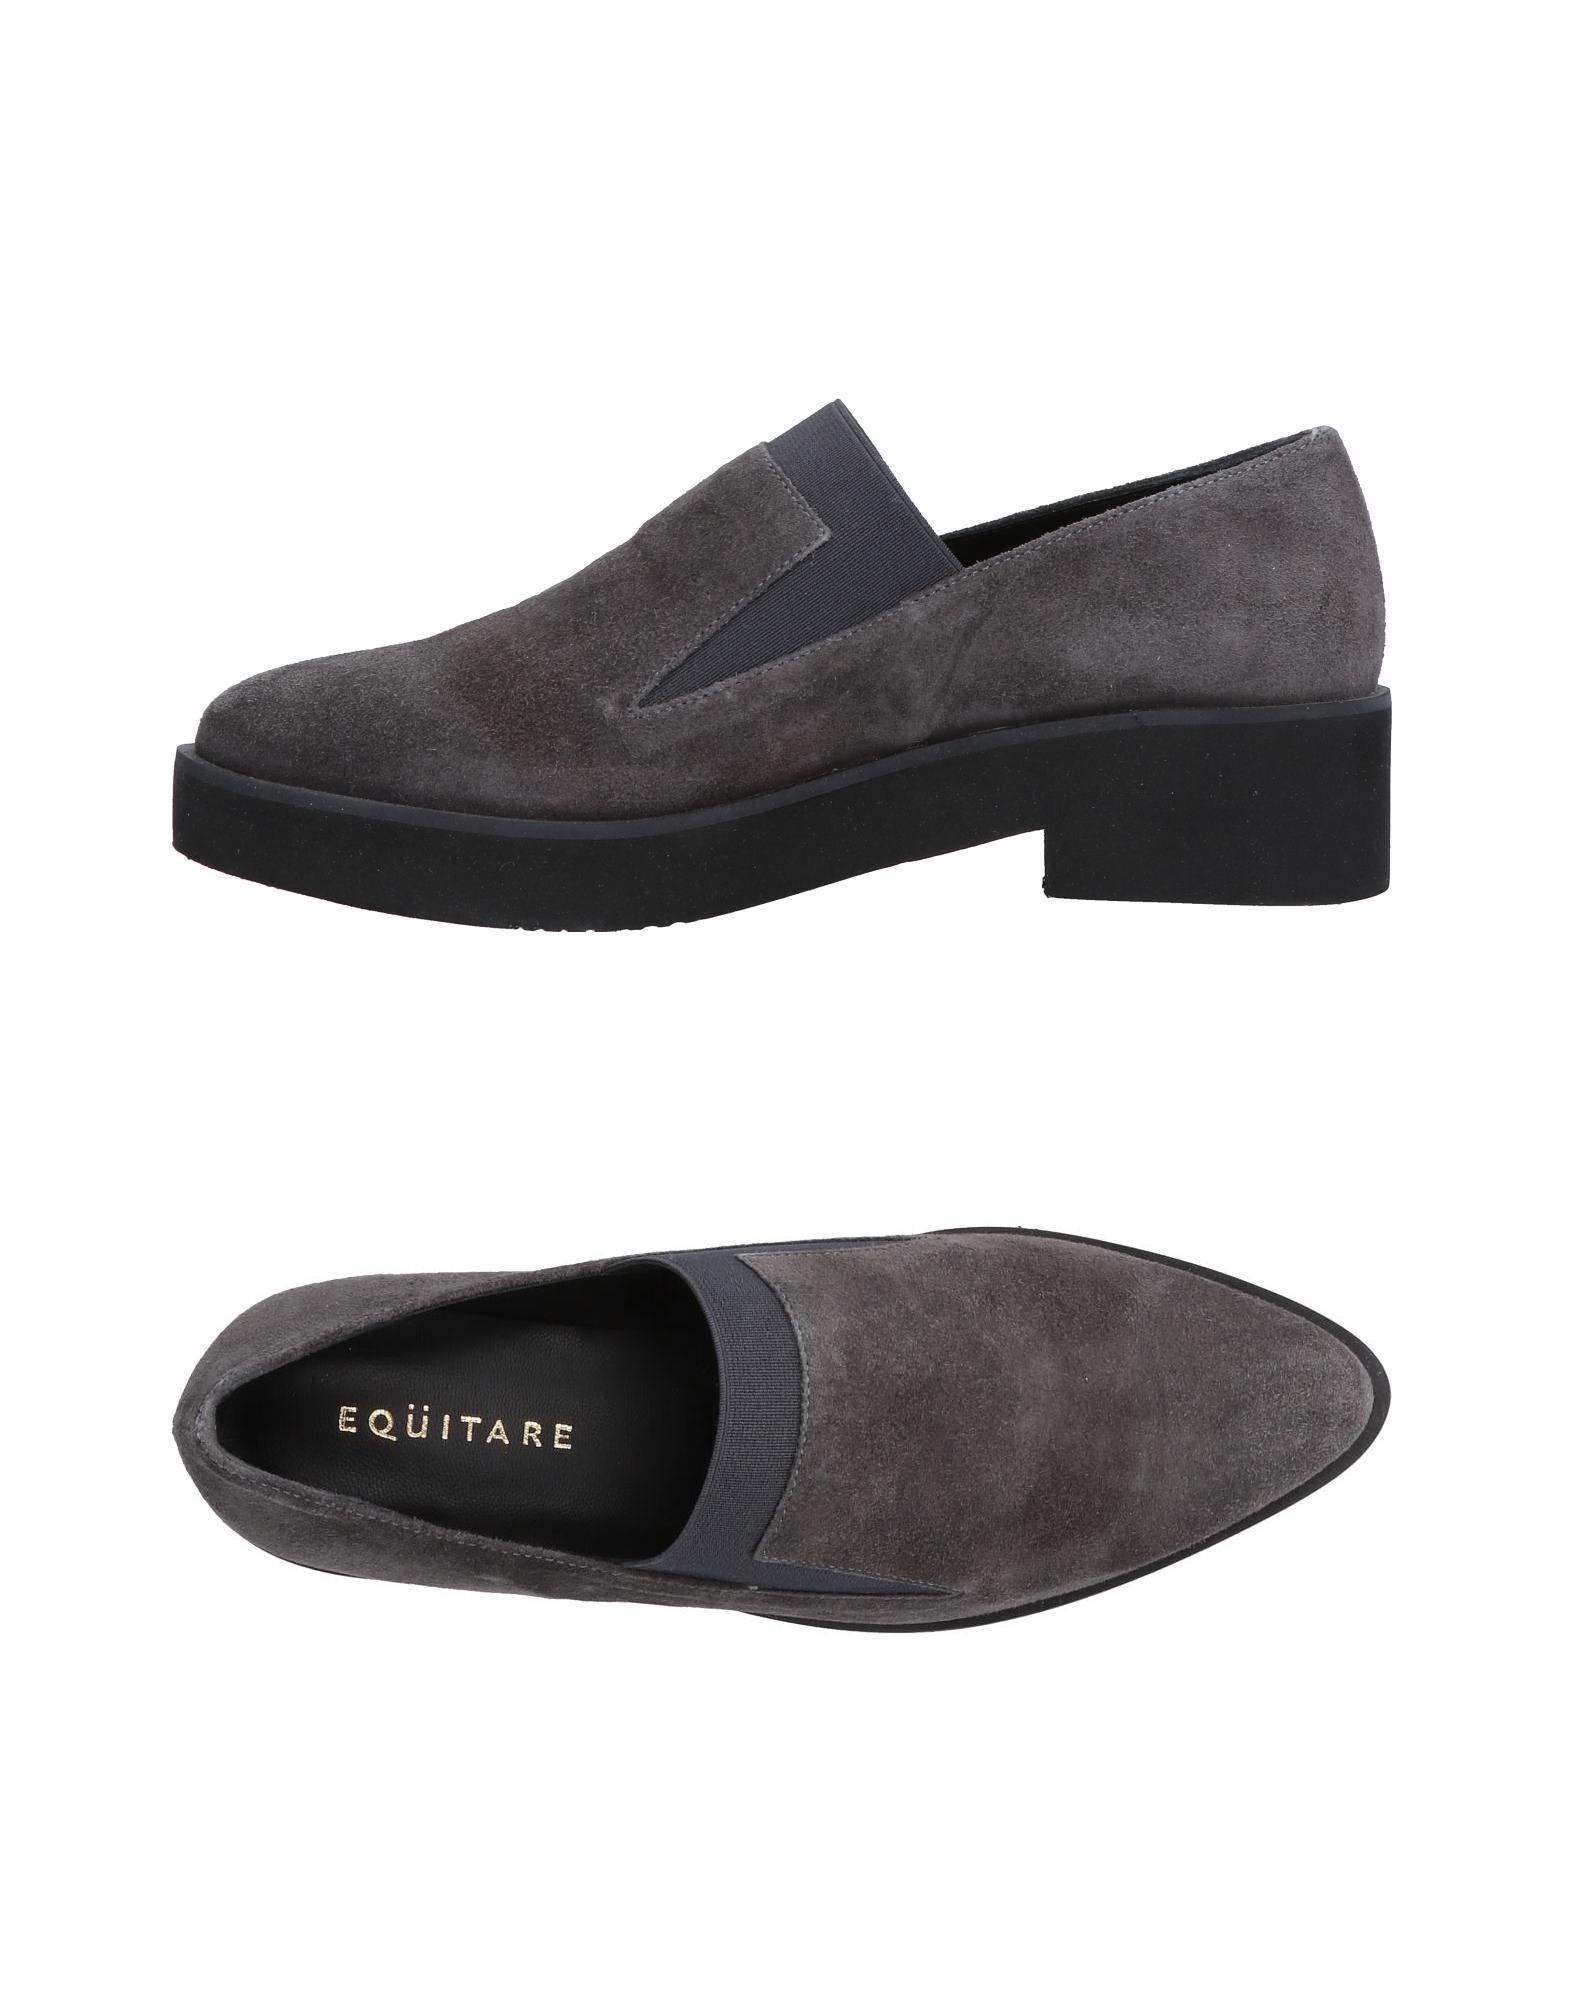 Eqüitare Mokassins Damen  11486518EK Gute Qualität beliebte Schuhe